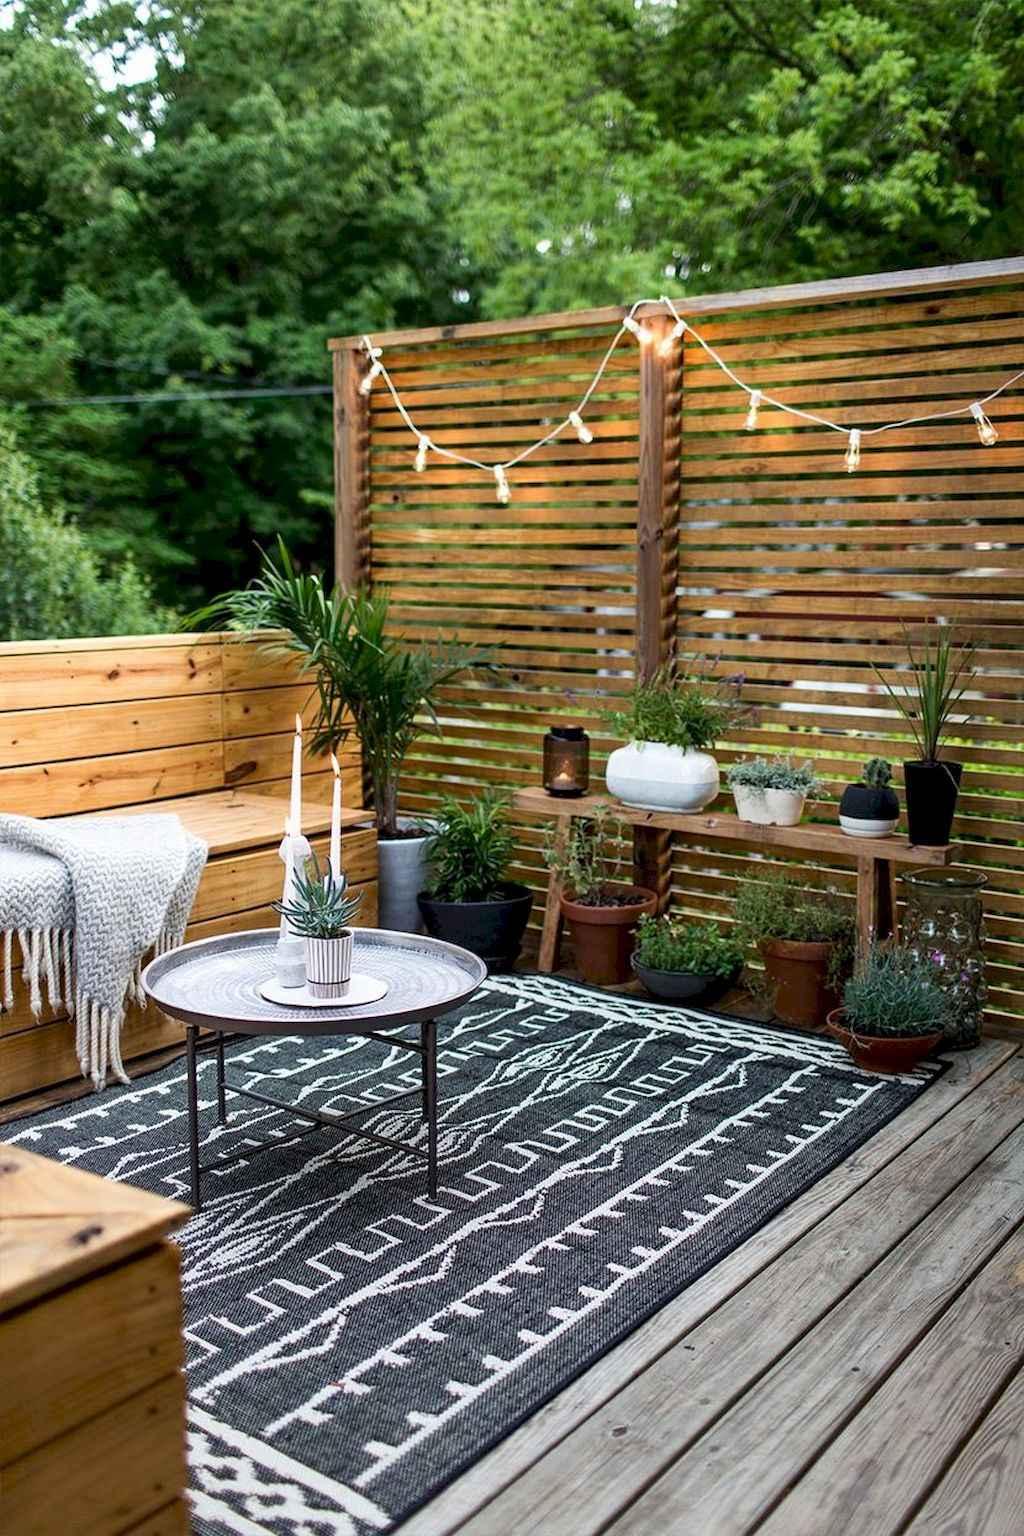 75 small backyard garden landscaping ideas - HomeSpecially